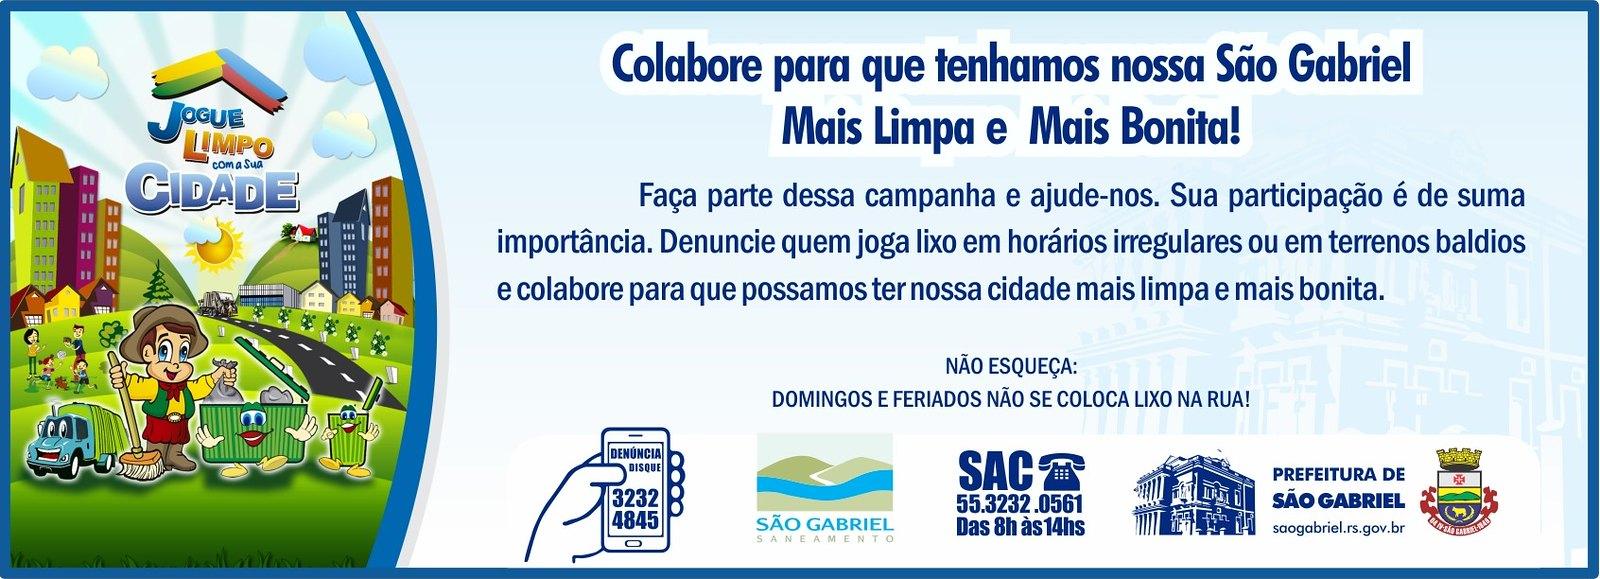 Jogue Limpo com a sua Cidade - Prefeitura de São Gabriel